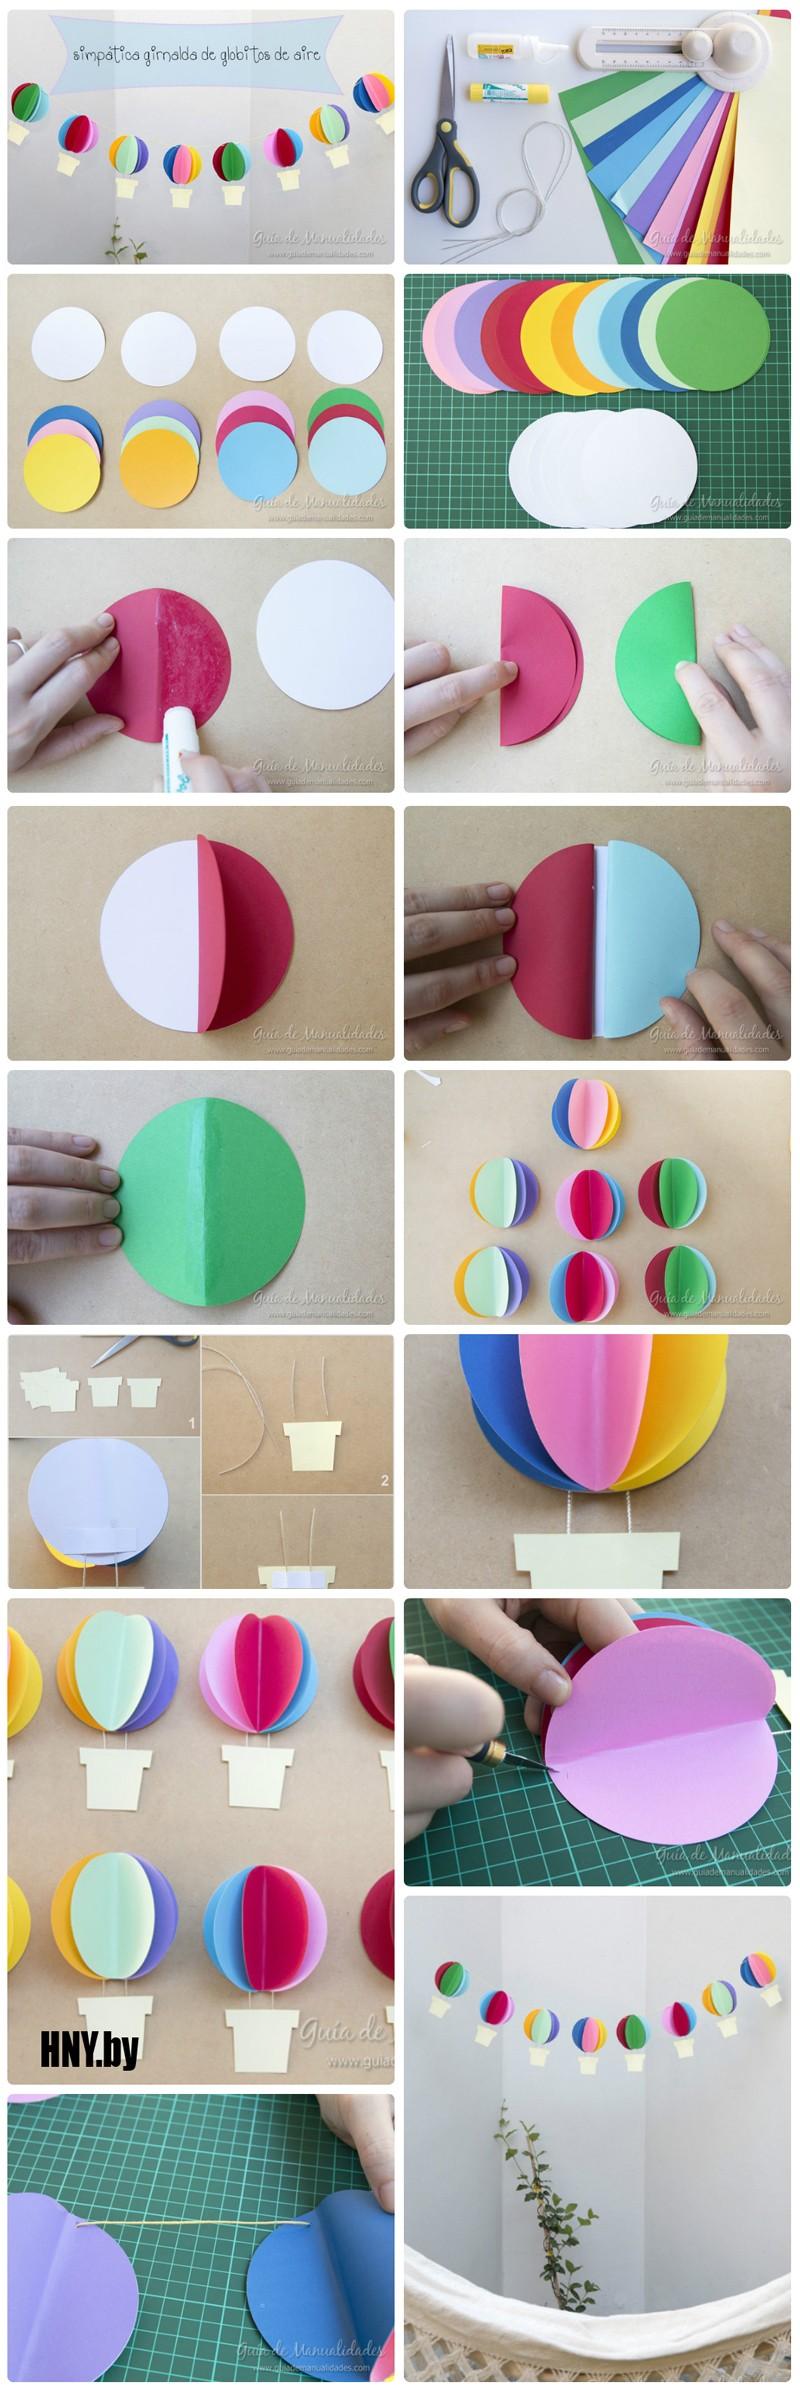 Еще один вариант использования объемных бумажных шаров в изготовлении новогодней гирлянды своими руками